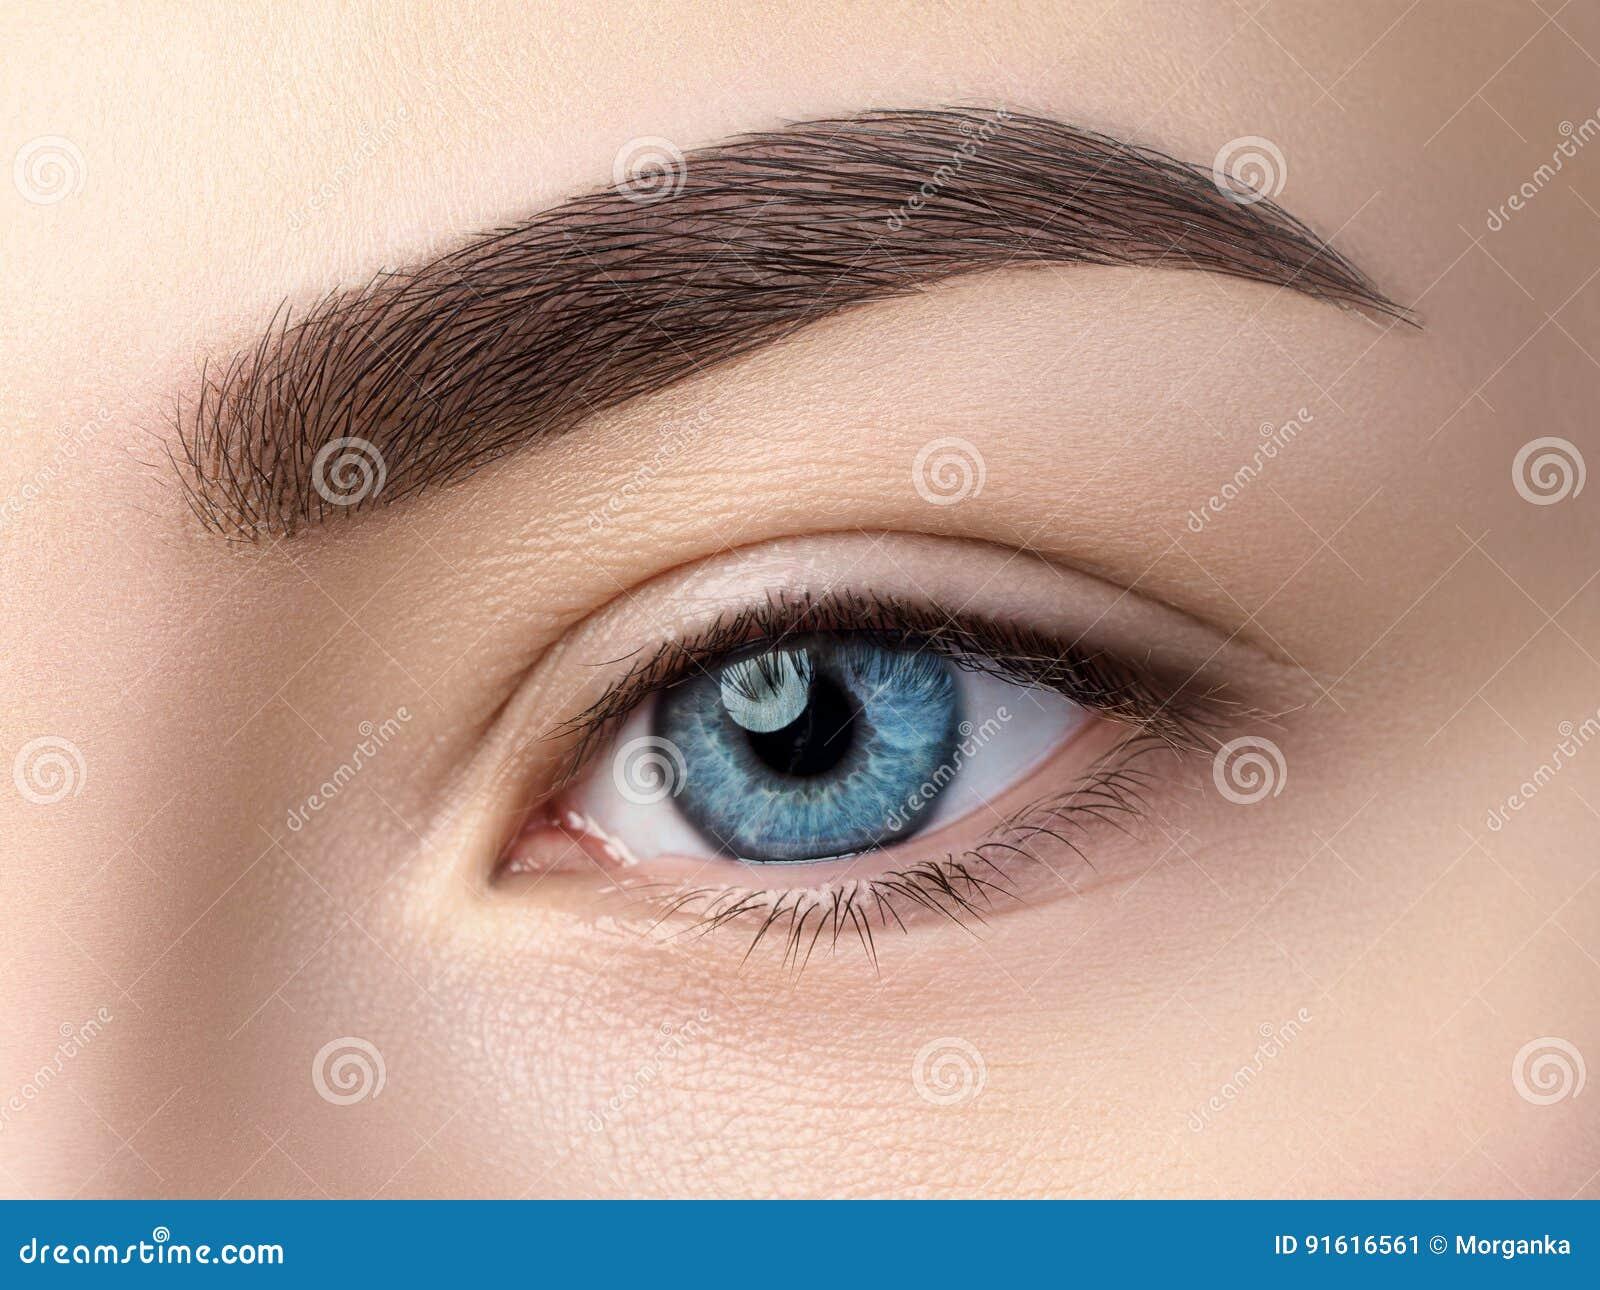 Chiuda sulla vista di bello occhio femminile blu